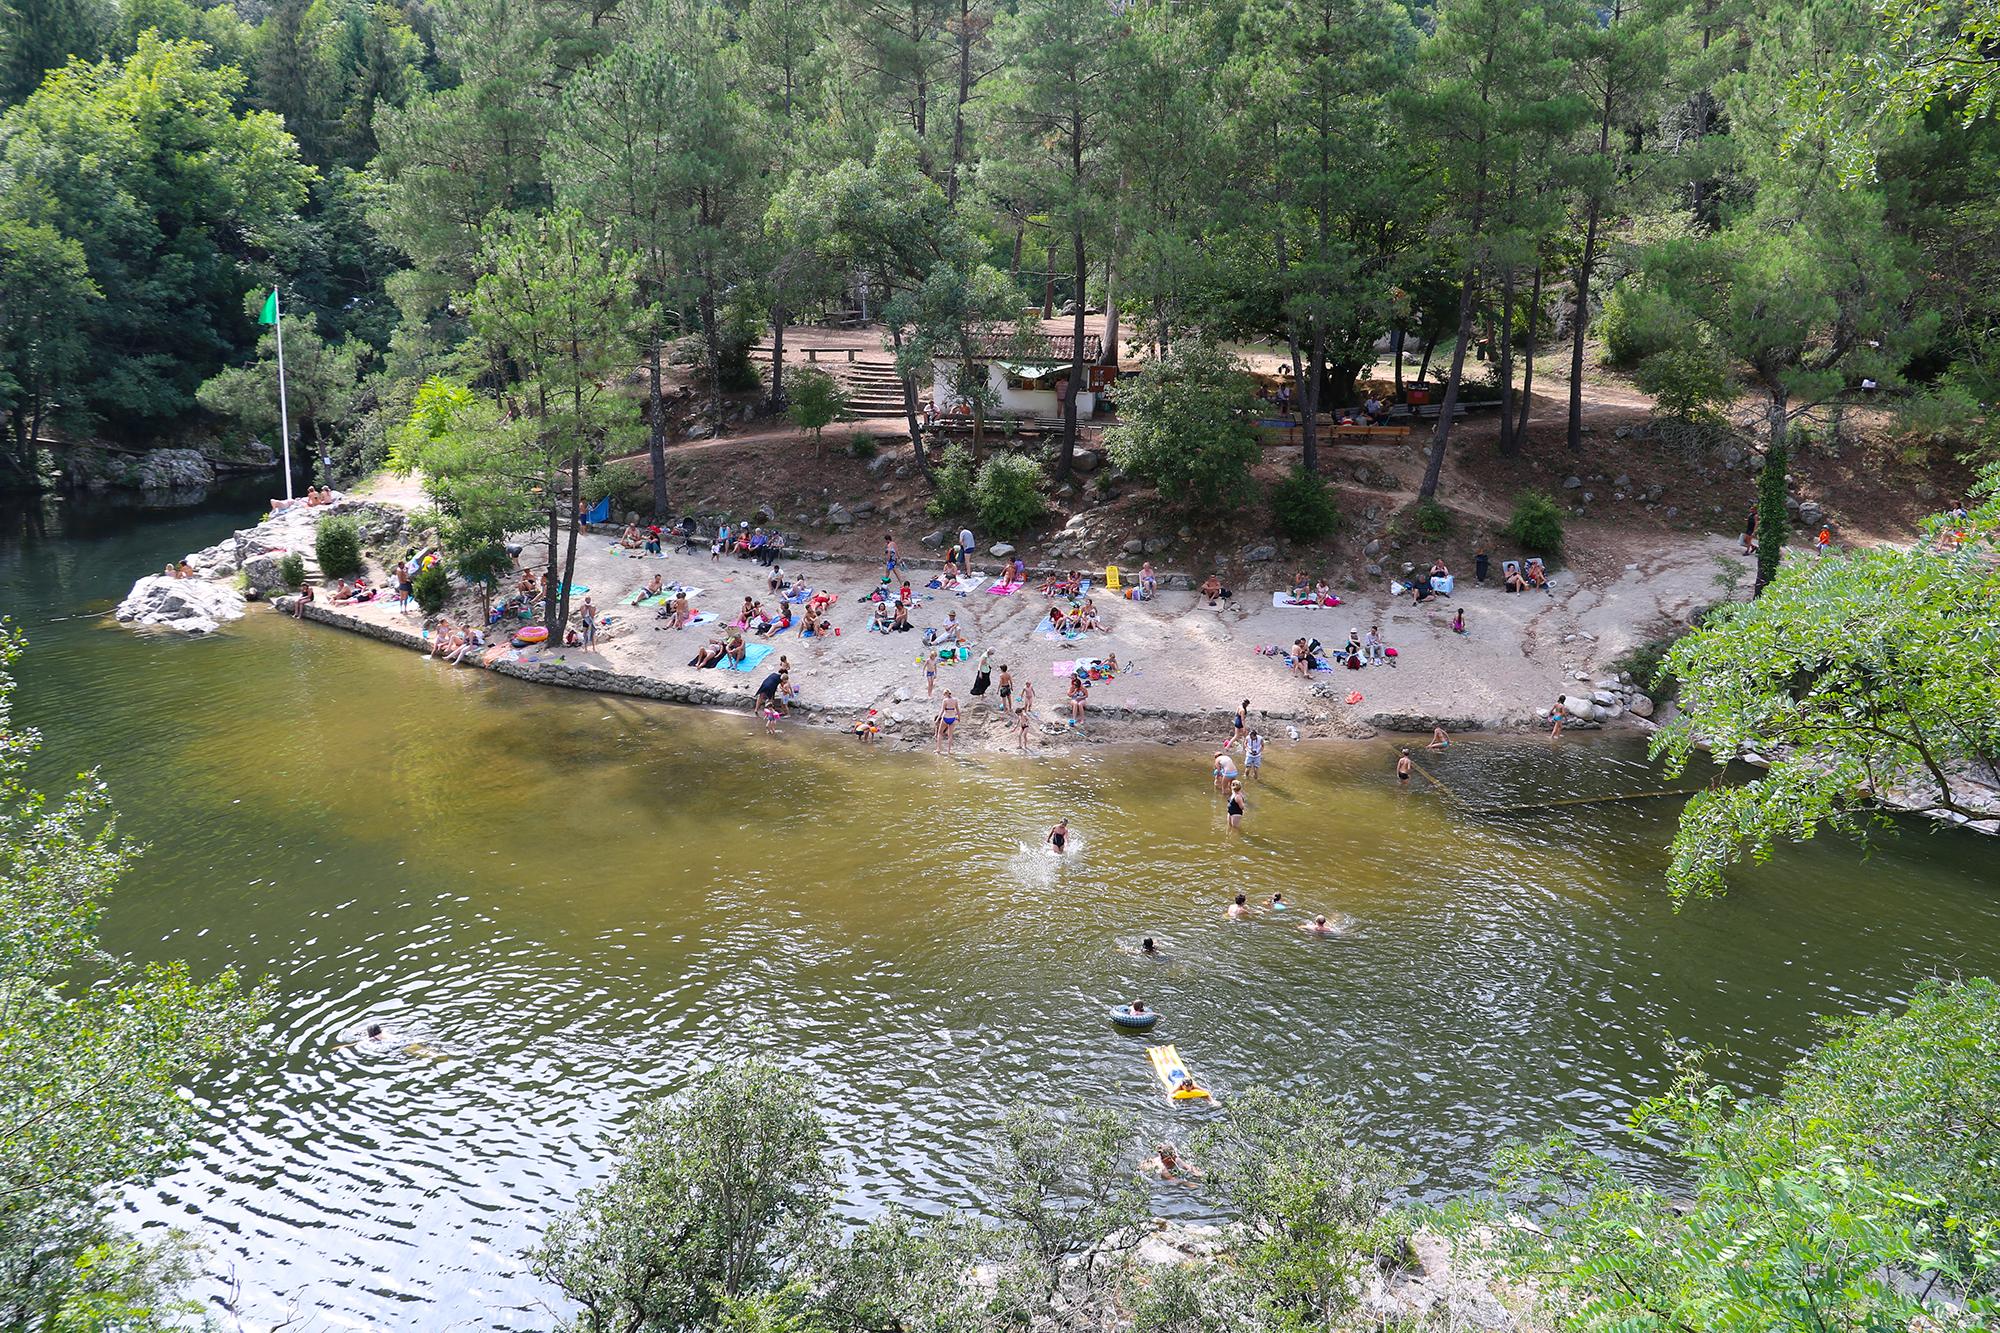 En Ardèche, la baignade est un plaisir incontournable pendant les vacances. : Plage de Fontugne